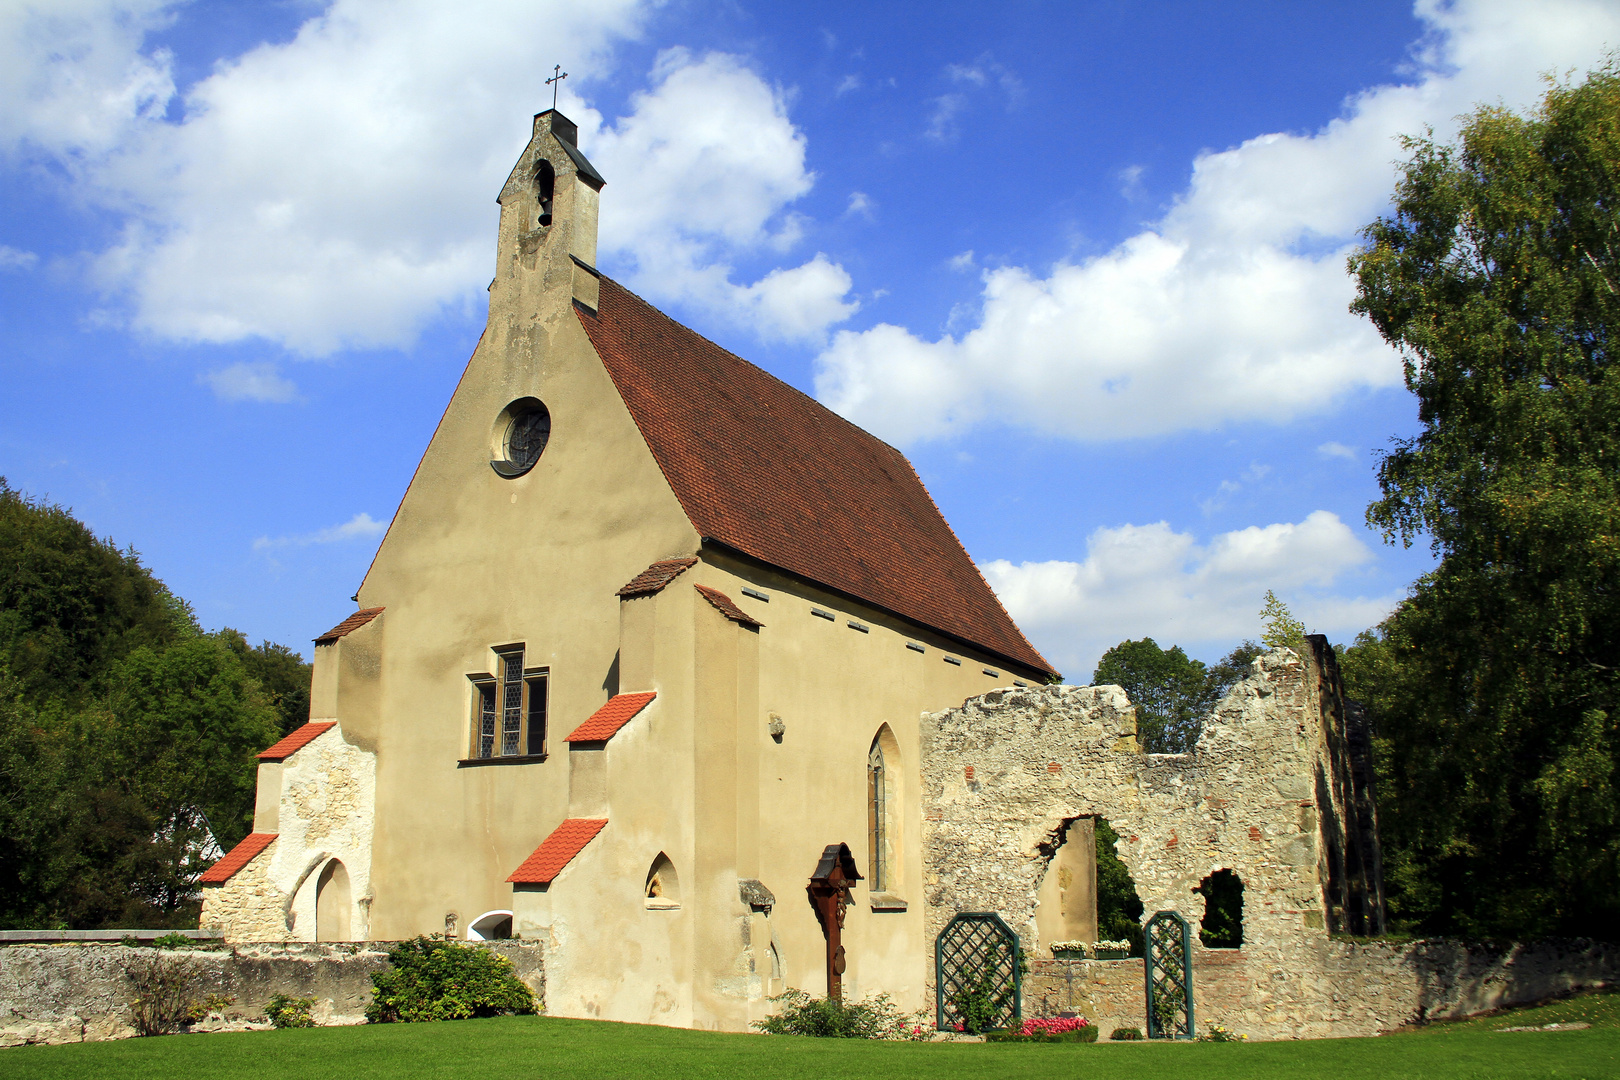 fürstliche Kapelle Christgarten, Donau Ries